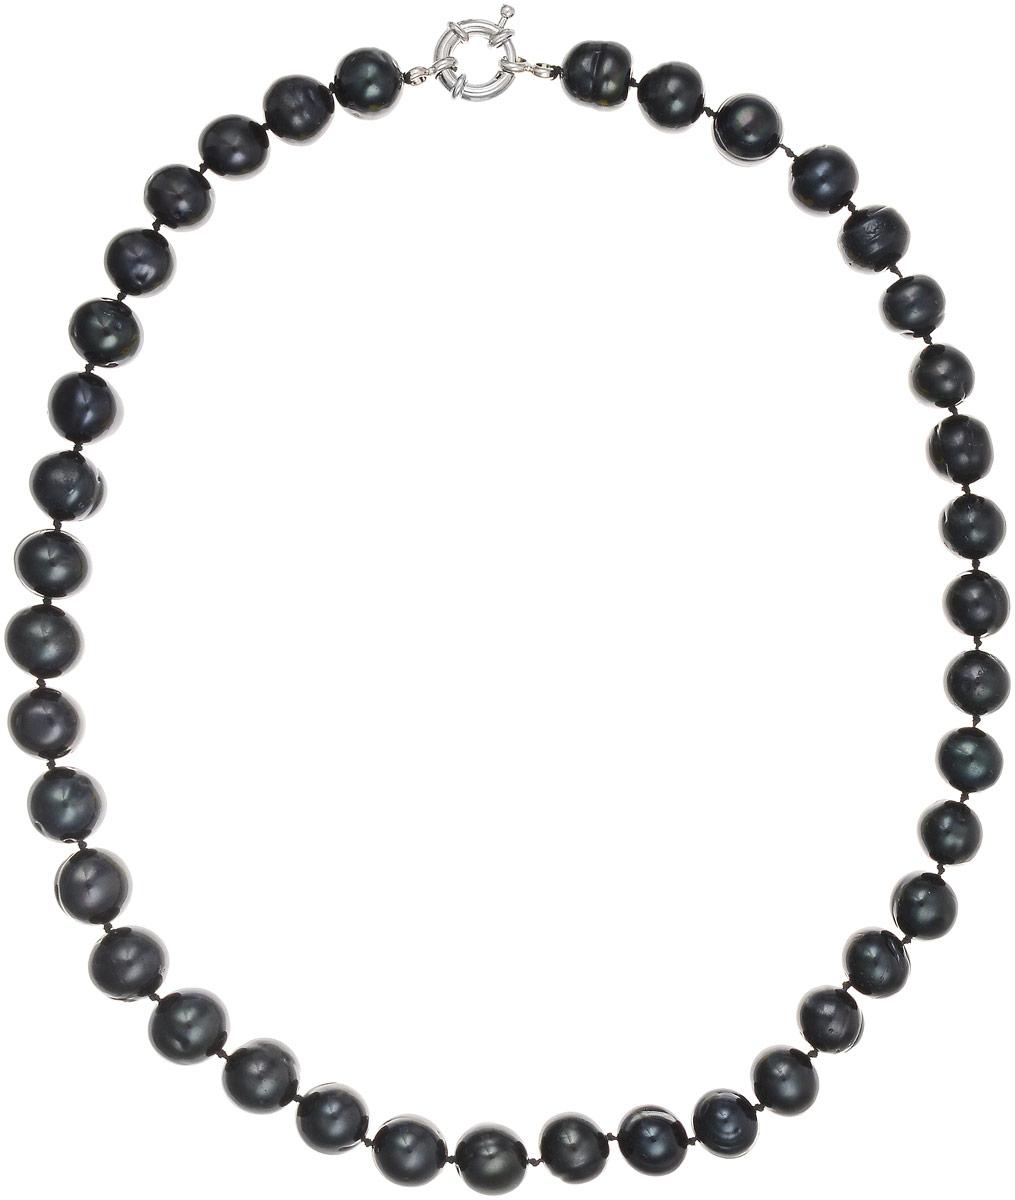 Бусы Art-Silver, цвет: черно-синий, длина 45 см. КЖ11-12А+45-806Бусы-ниткаБусы Art-Silver выполнены из культивированного жемчуга, нанизанного на текстильную нить. Украшение застегивается на практичный шпренгельный замок.Мелкие бусины диаметром 10 мм из натурального культивированного жемчуга благородного черного цвета с синим отливом имеют слегка неоднородную форму, что подчеркивает естественное происхождение жемчужин.